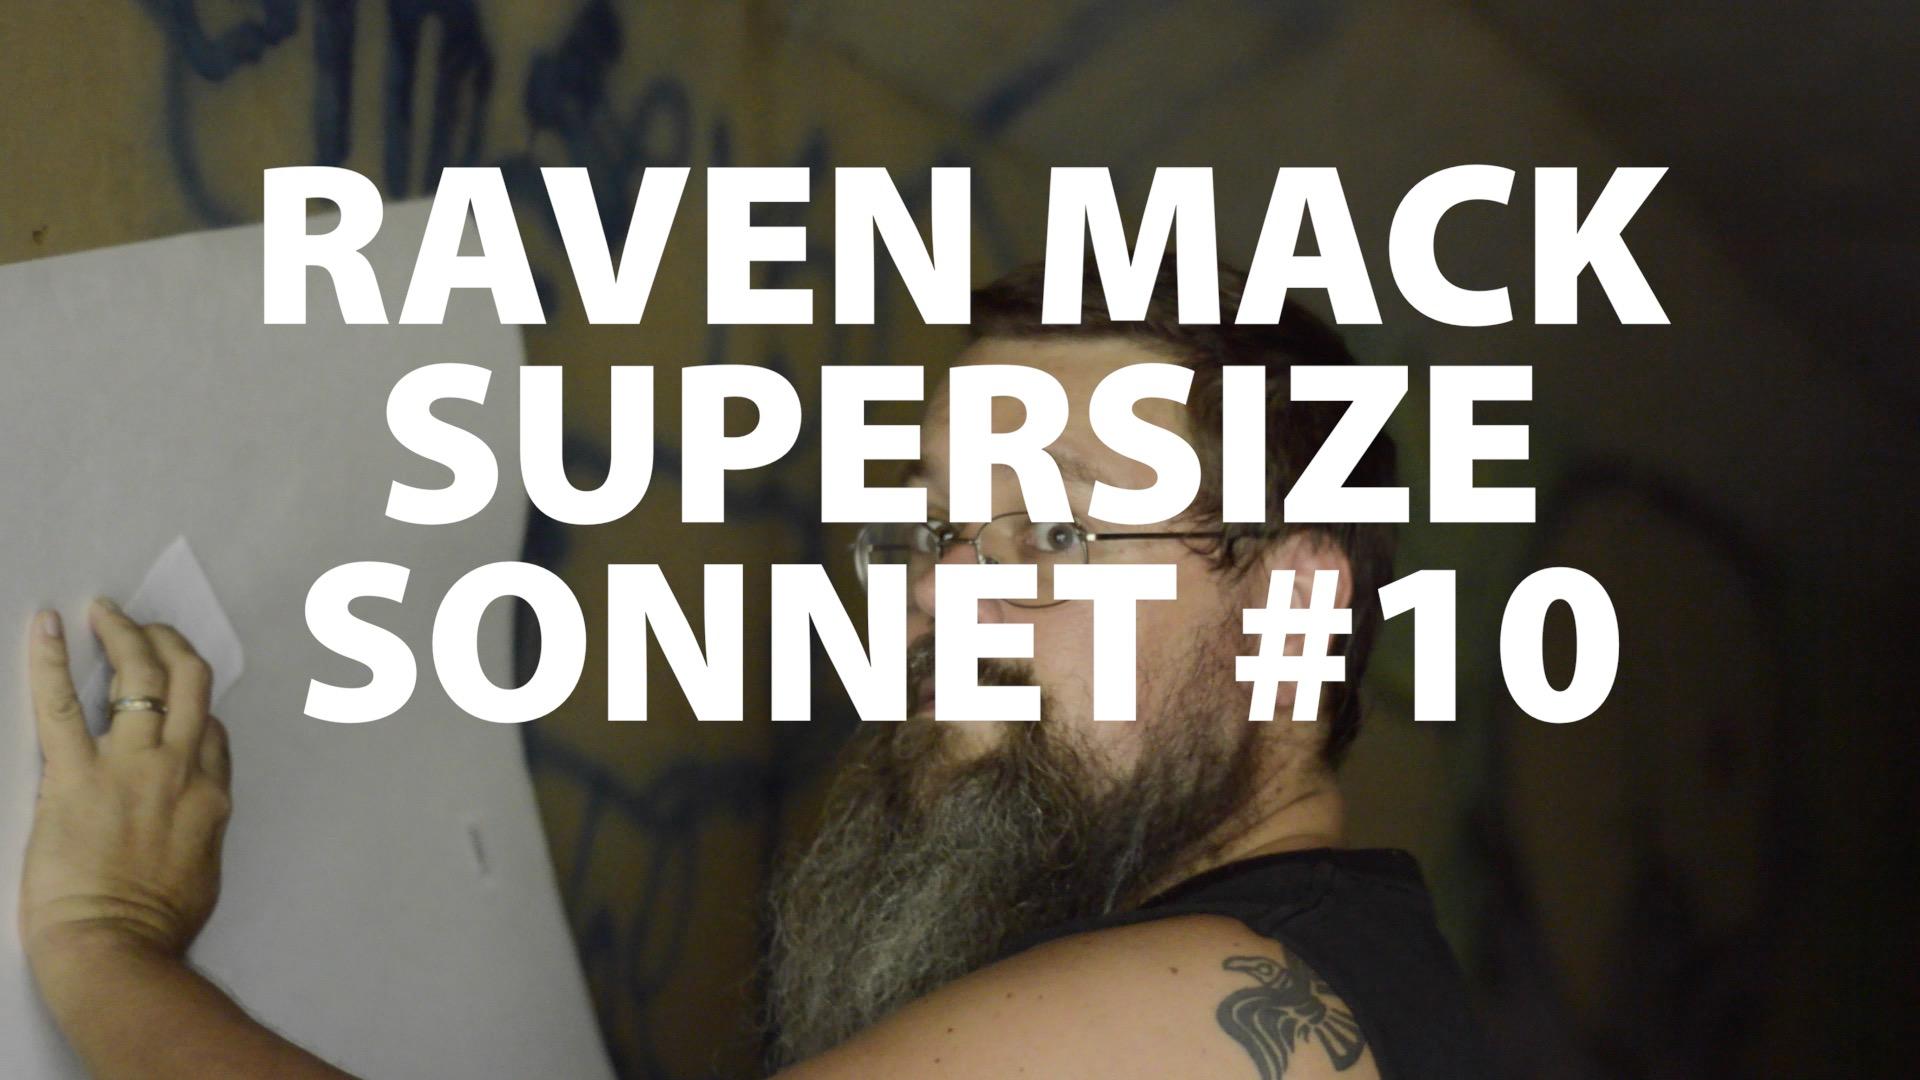 Raven Mack Supersized Sonnet #10